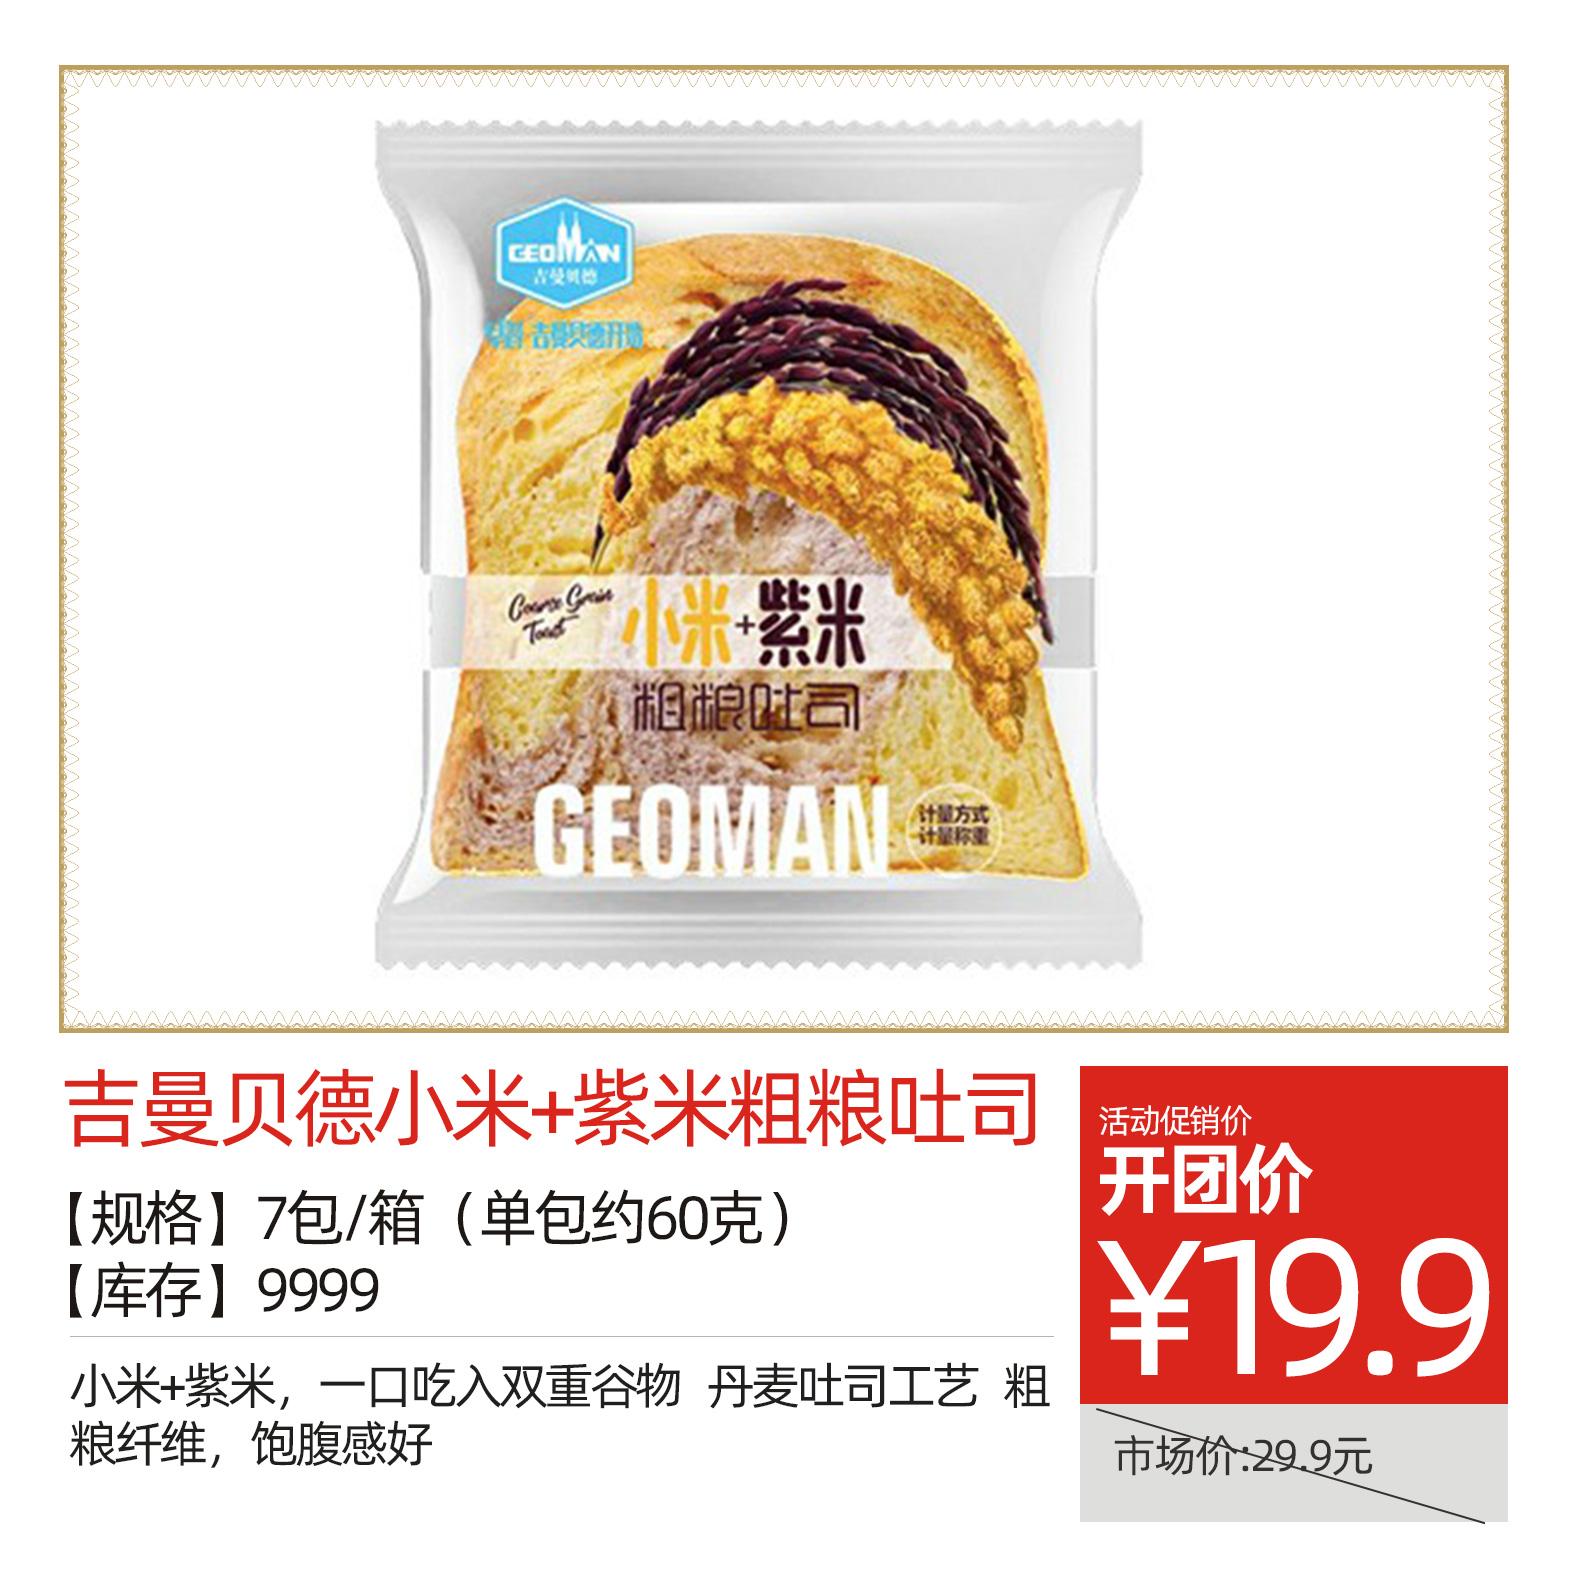 吉曼贝德小米+紫米粗粮吐司